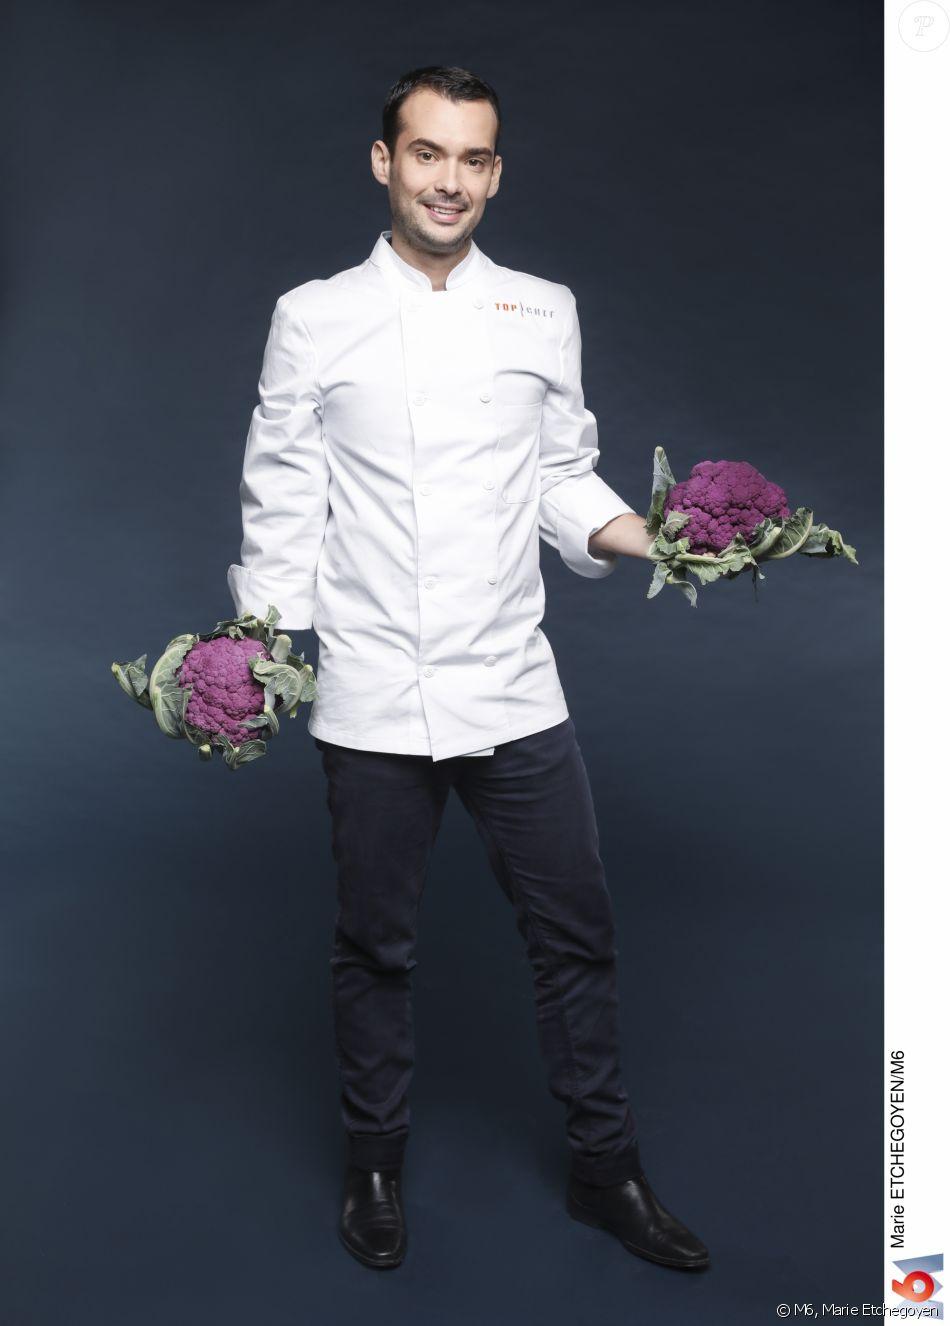 """ésultat de recherche d'images pour """"candidats top chef 2019"""""""